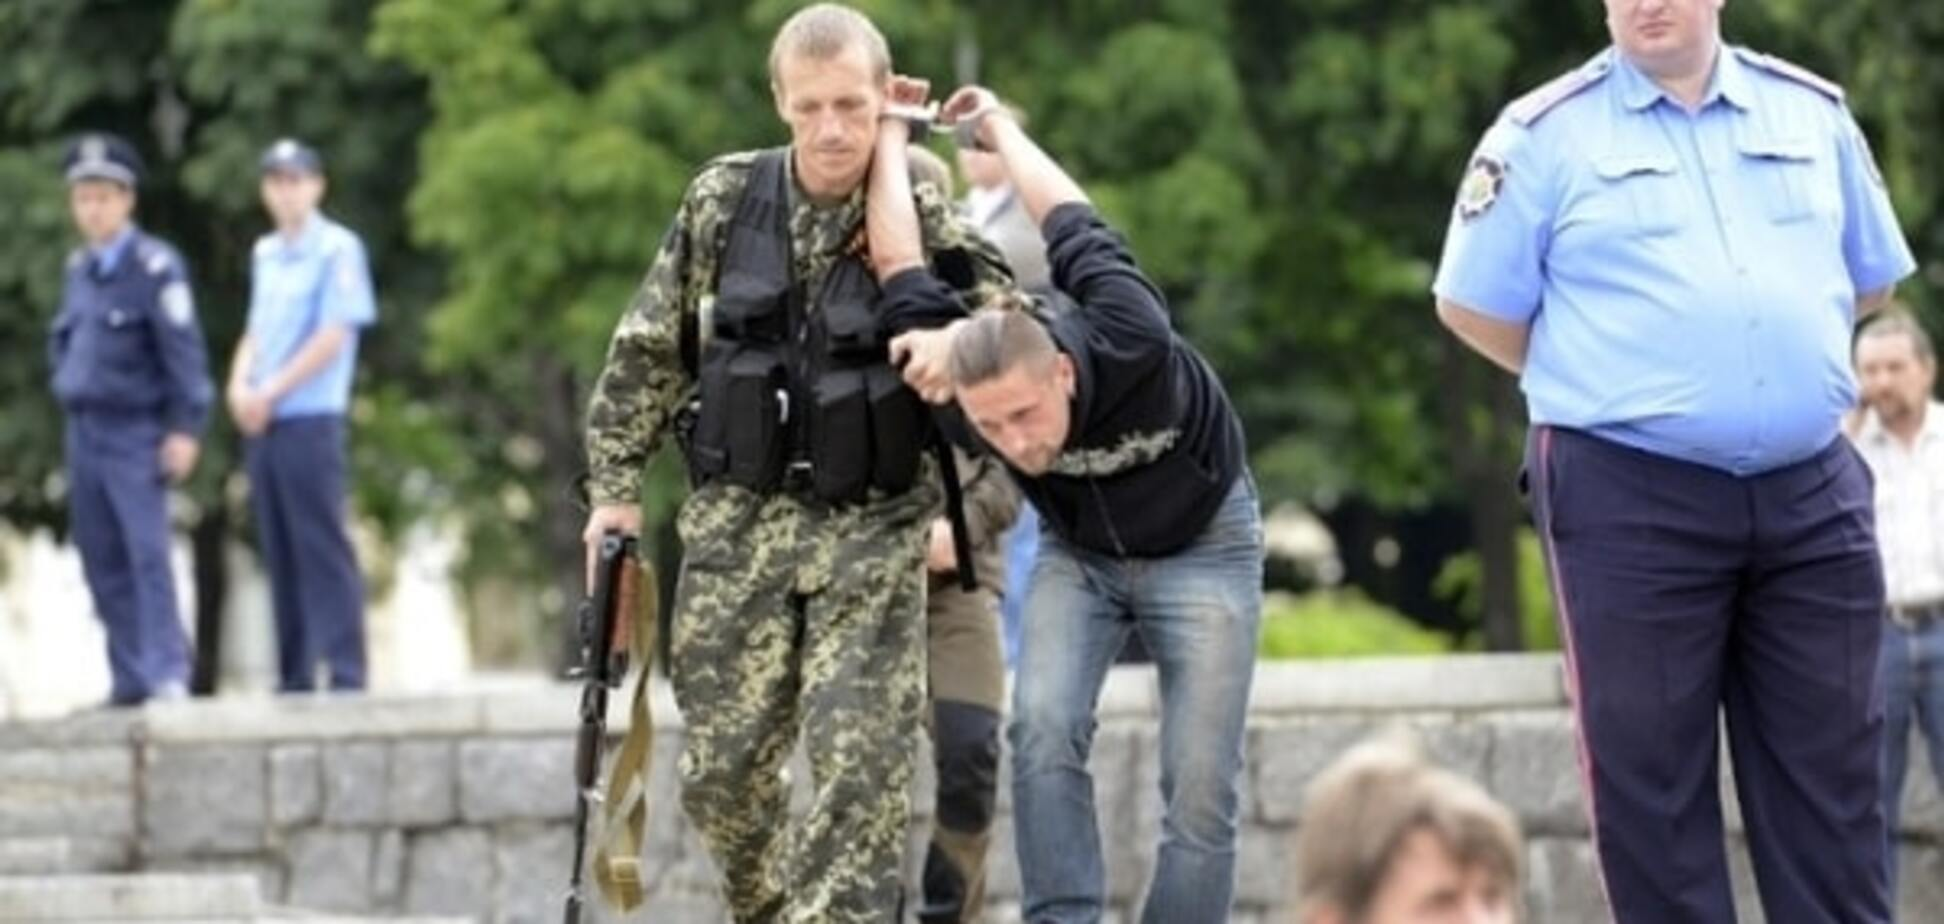 ЗМІ: 'генпрокуратура' терористів 'ДНР' працює за радянською моделлю